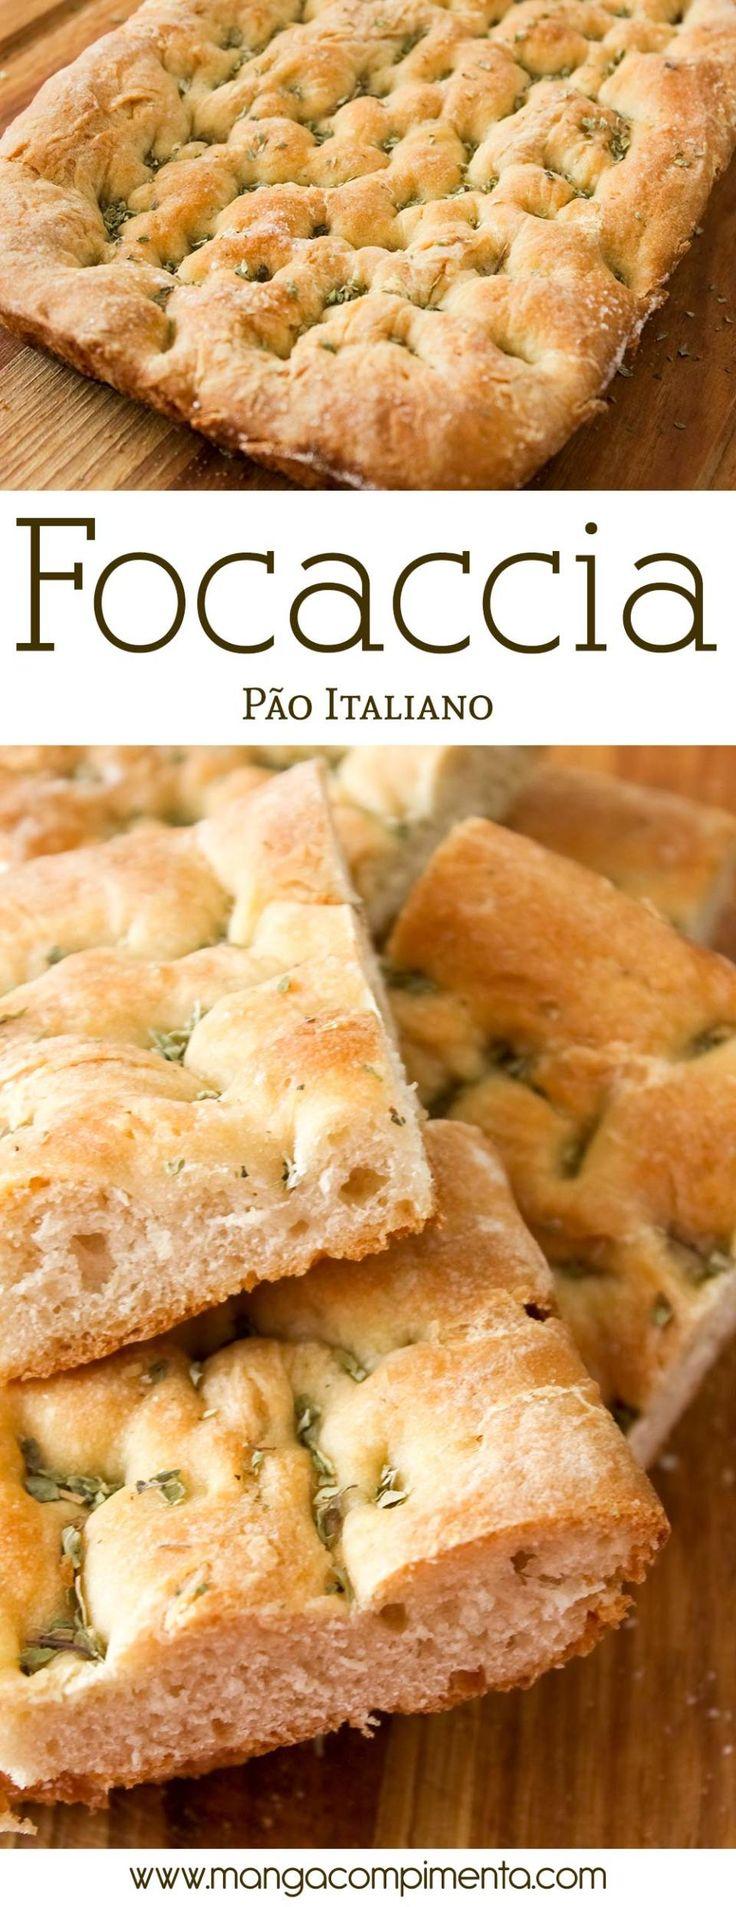 Focaccia – Pão Italiano para comer no chá da tarde ou café da manhã! #receita #pão #comida